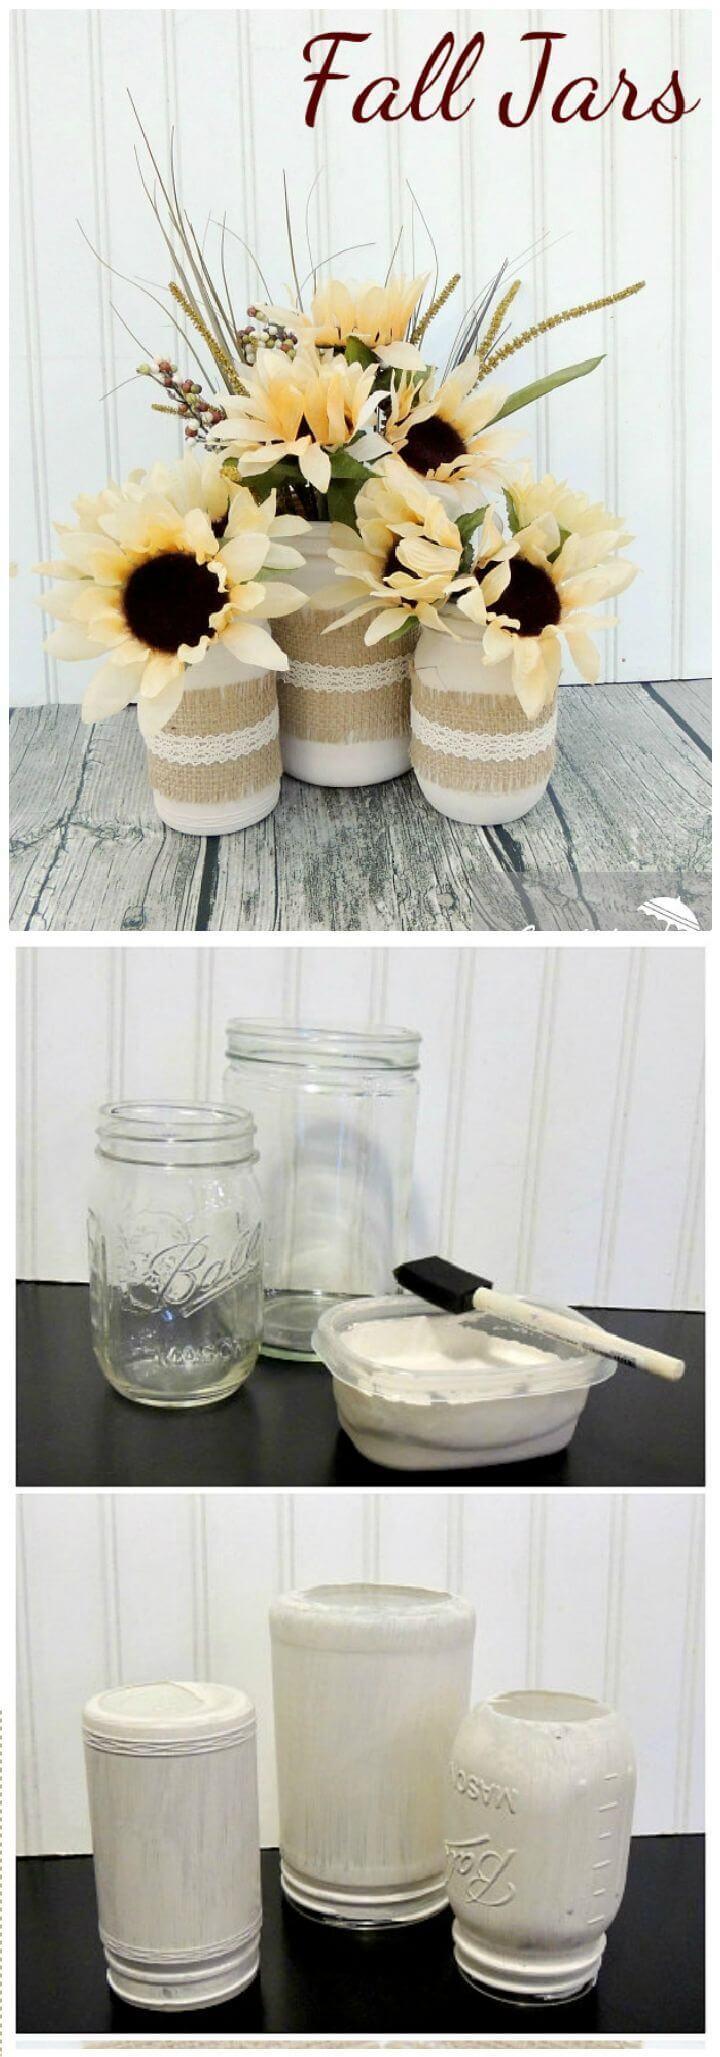 Painted White Mason Jars with Burlap